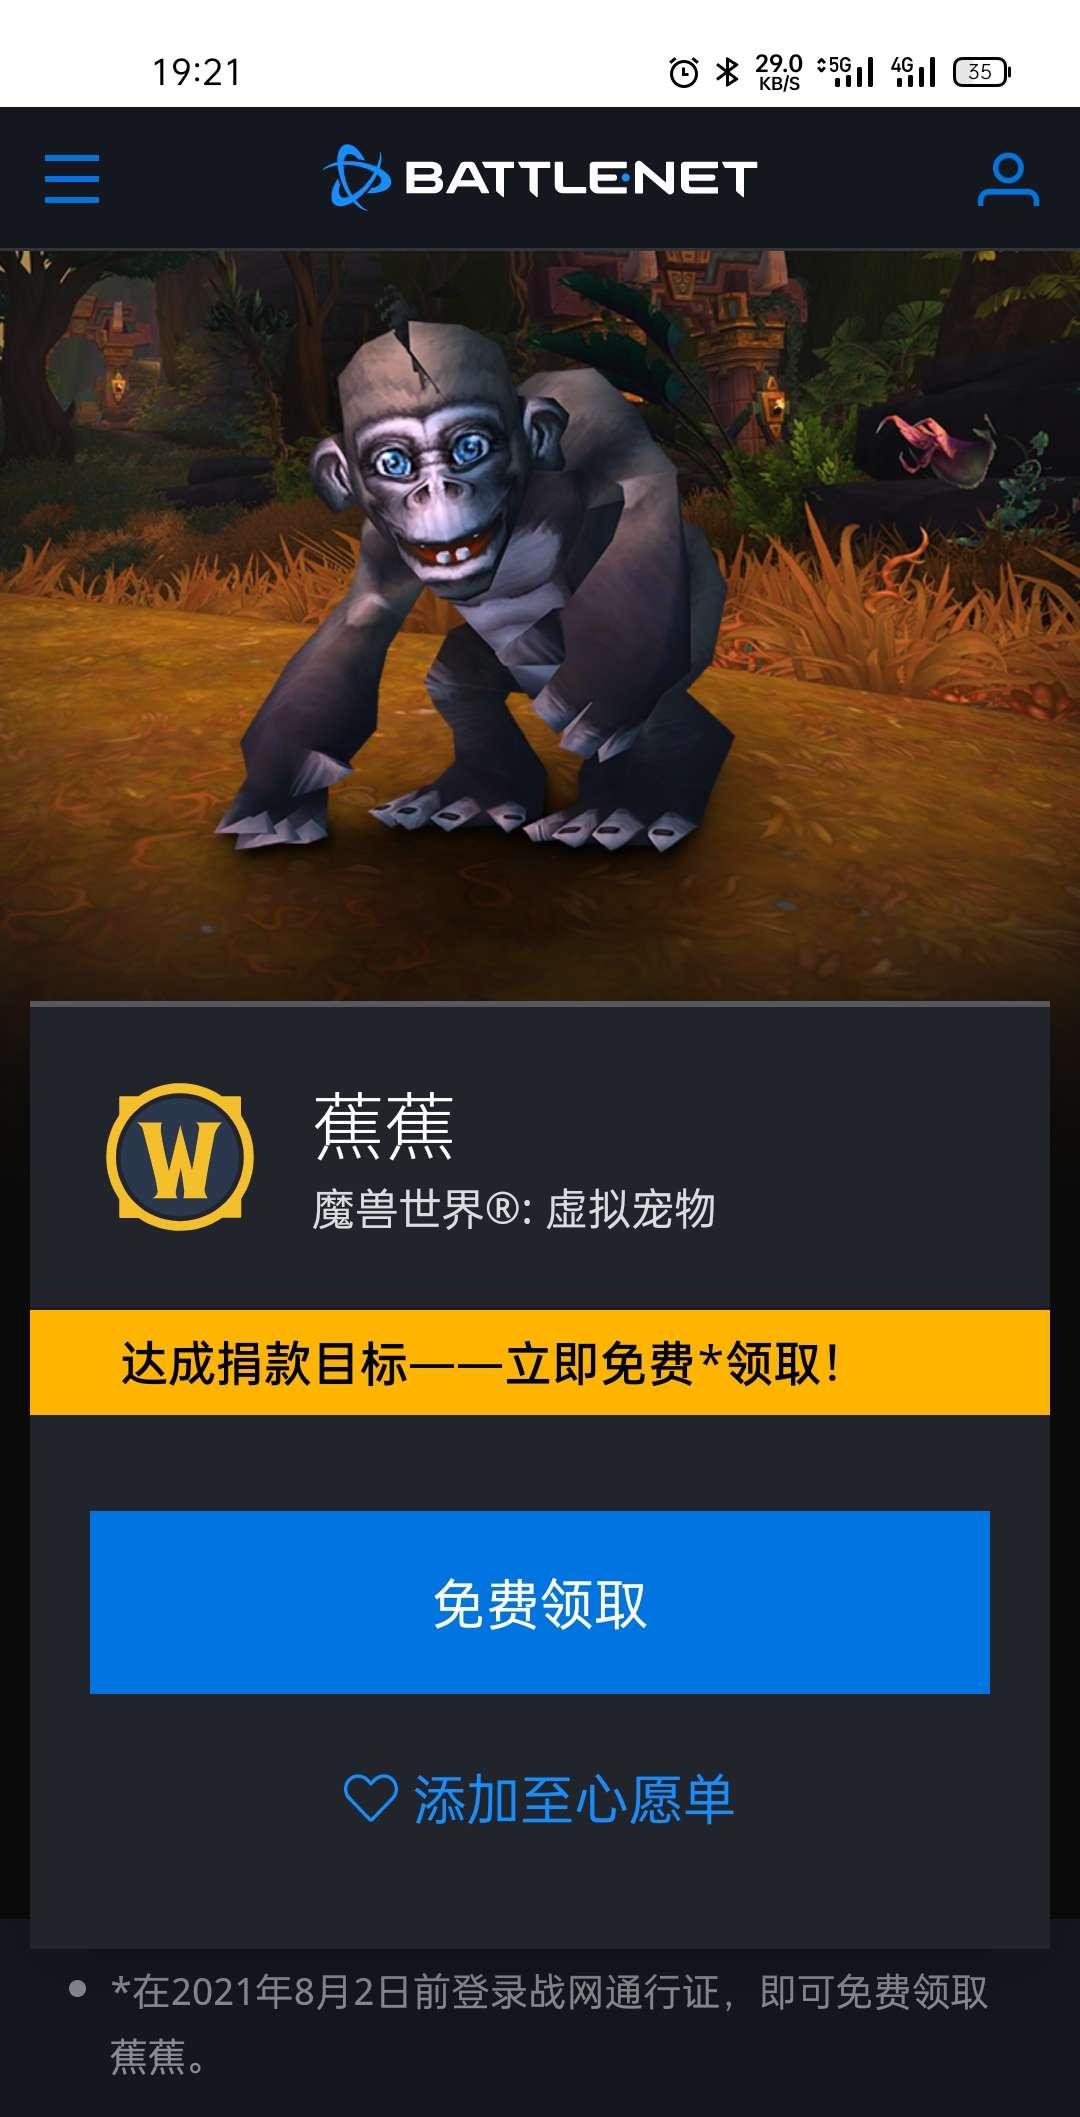 【虚拟物品】魔兽世界免费领树懒黛西和小猴蕉蕉宠物